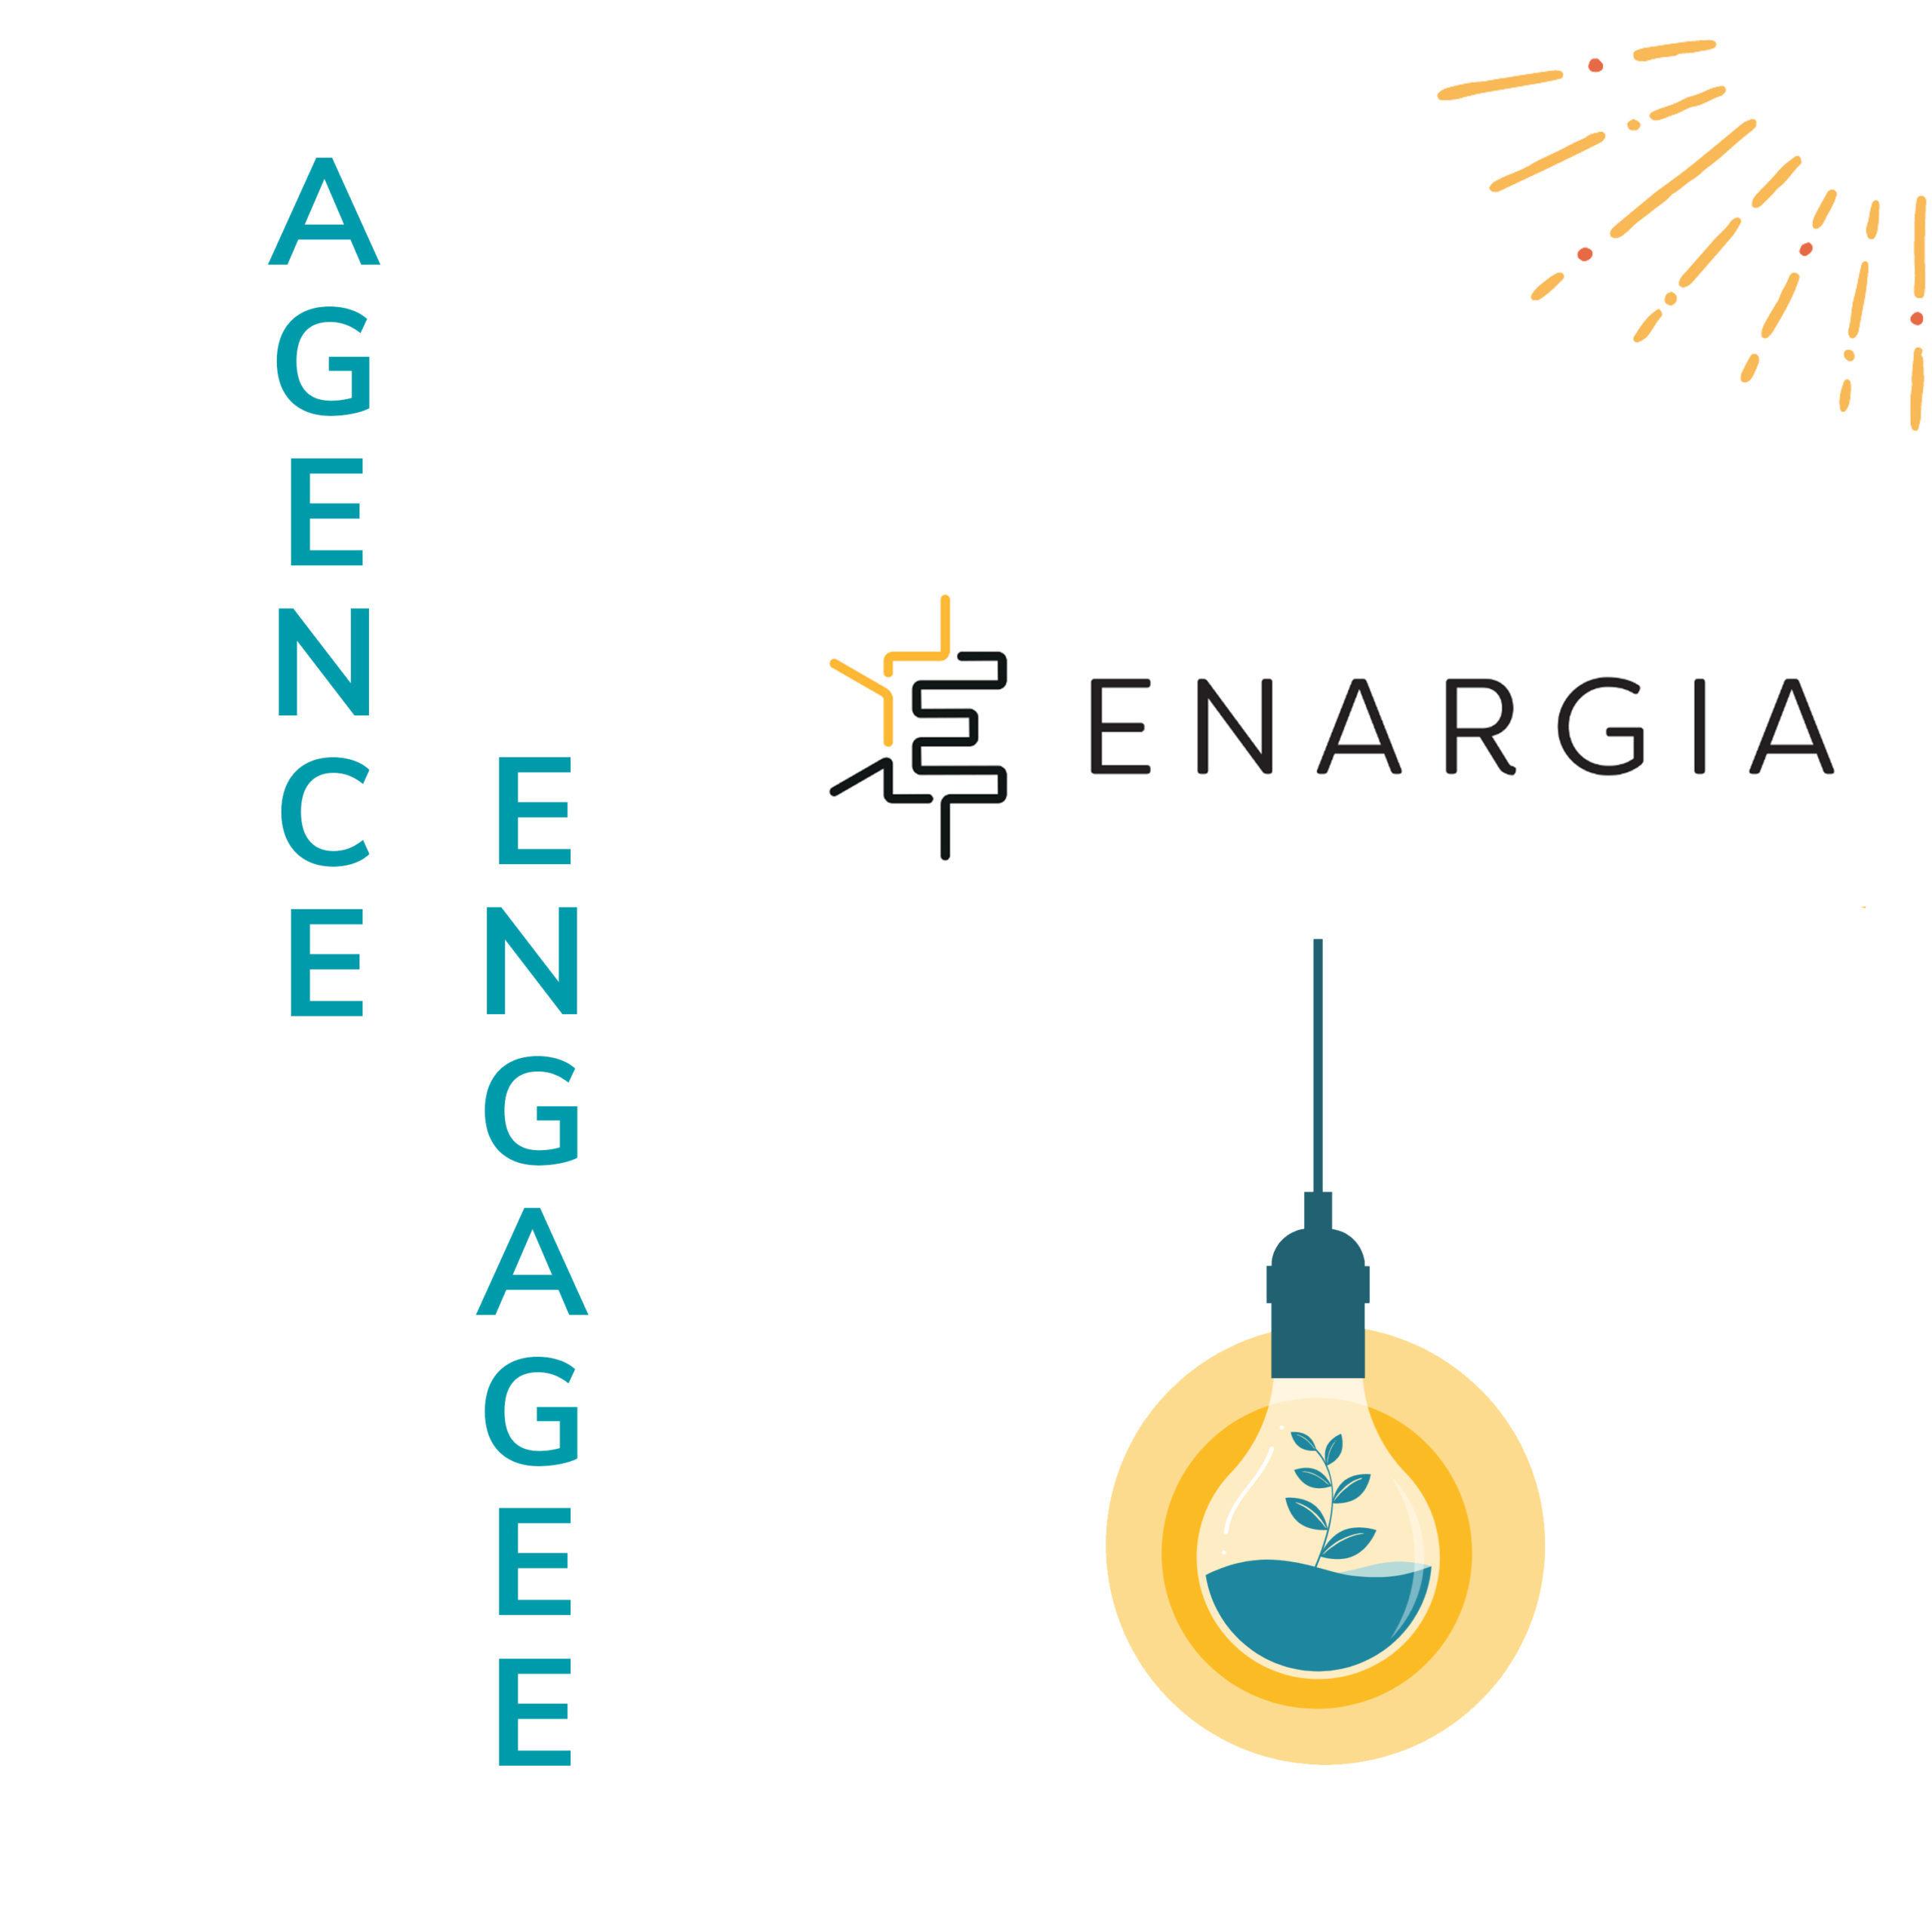 Badge de l'engamenet de l'Agence Iltze en faveur d'une économie plus locale et plus durable au travers du fournisseur d'énergie Enargia